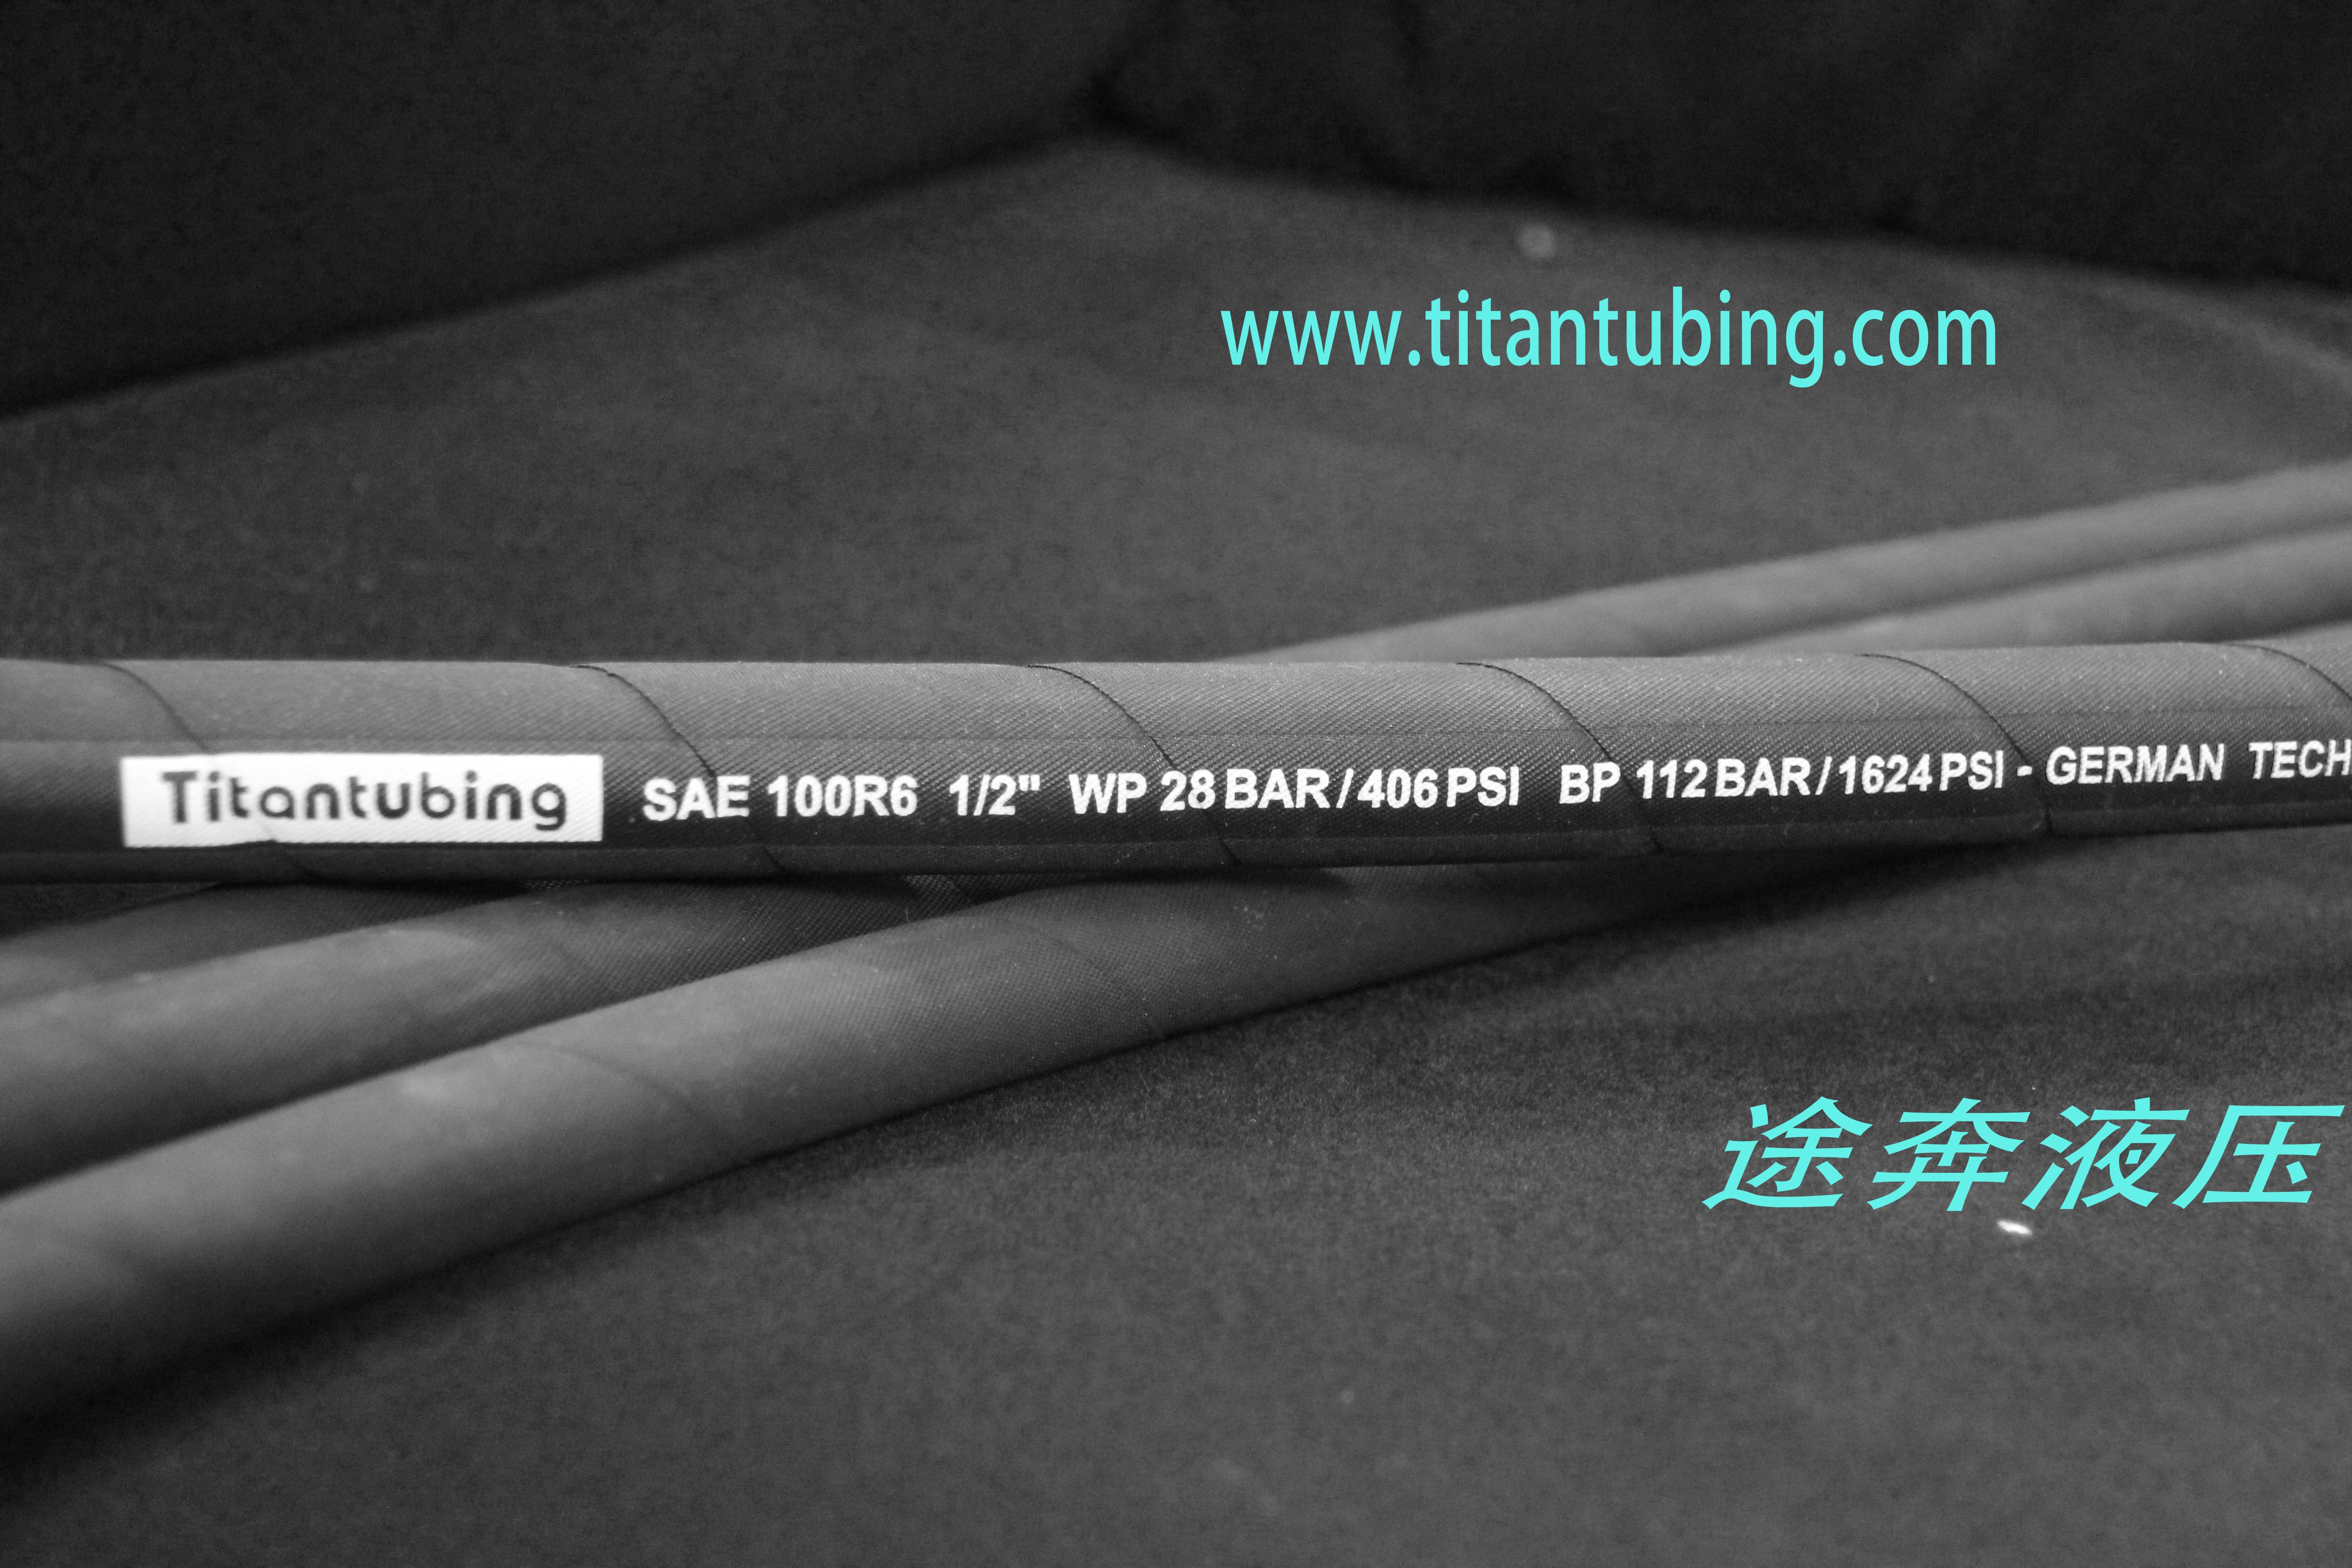 广州橡胶管厂家  橡胶管Rubber hose 橡胶防爆软管厂家  hydraulic 液压管 液压管批发 液压管批发商